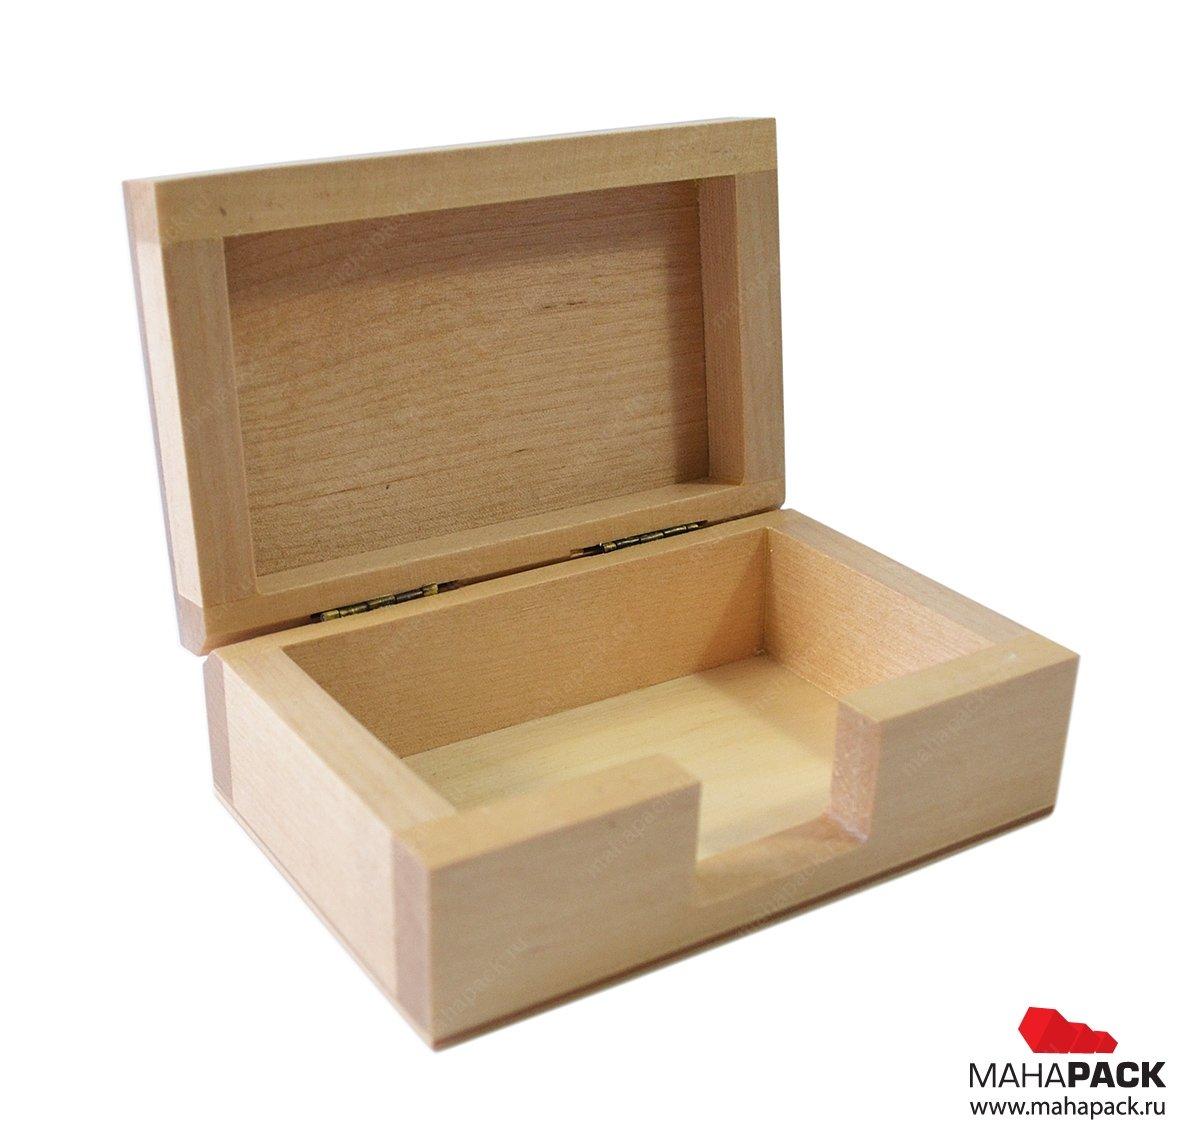 Изготовление деревянных коробок